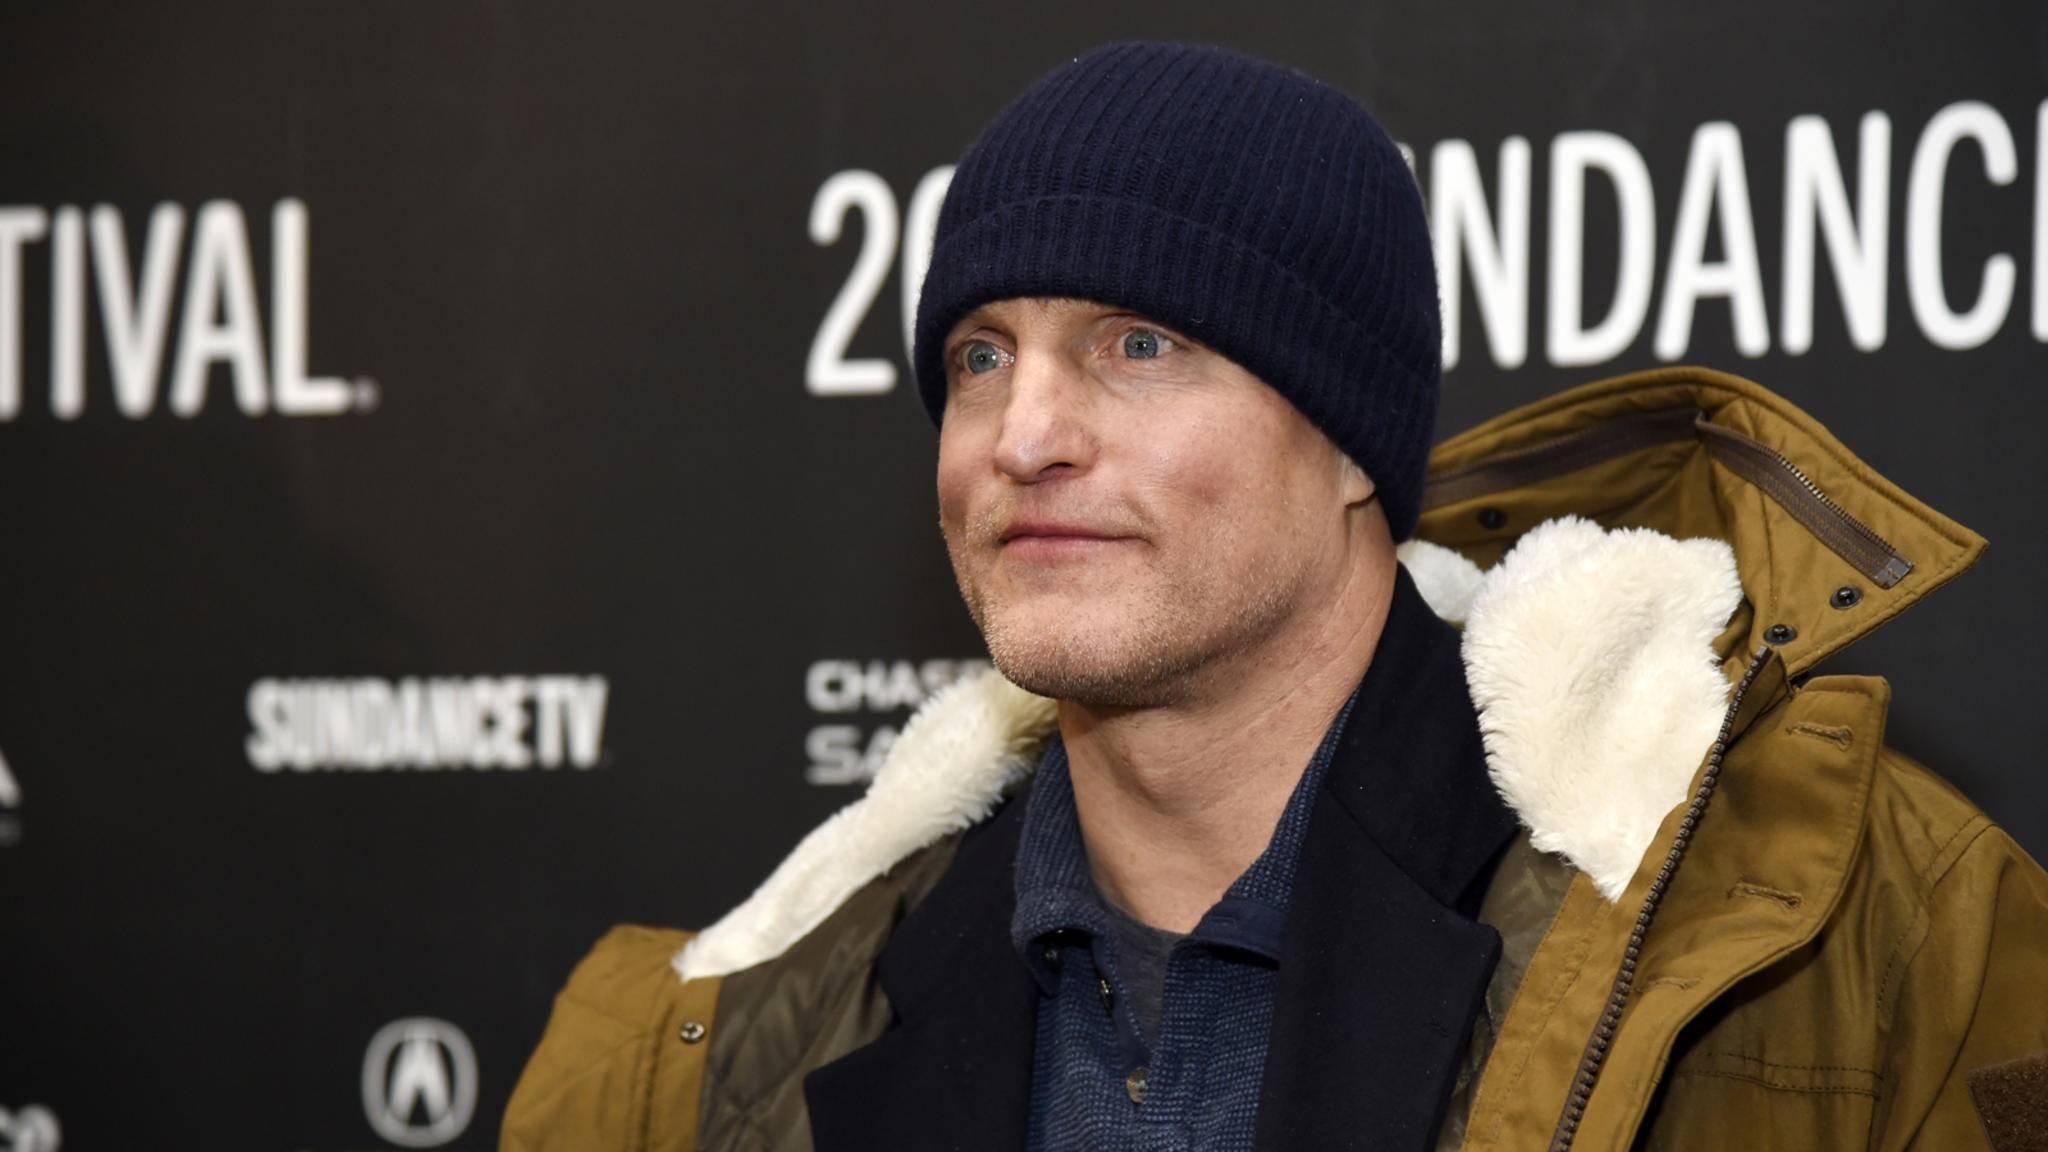 """Woody Harrelson plaudert – und wirft die Frage auf, wie fies sein Charakter in """"Star Wars: Han Solo"""" wird."""